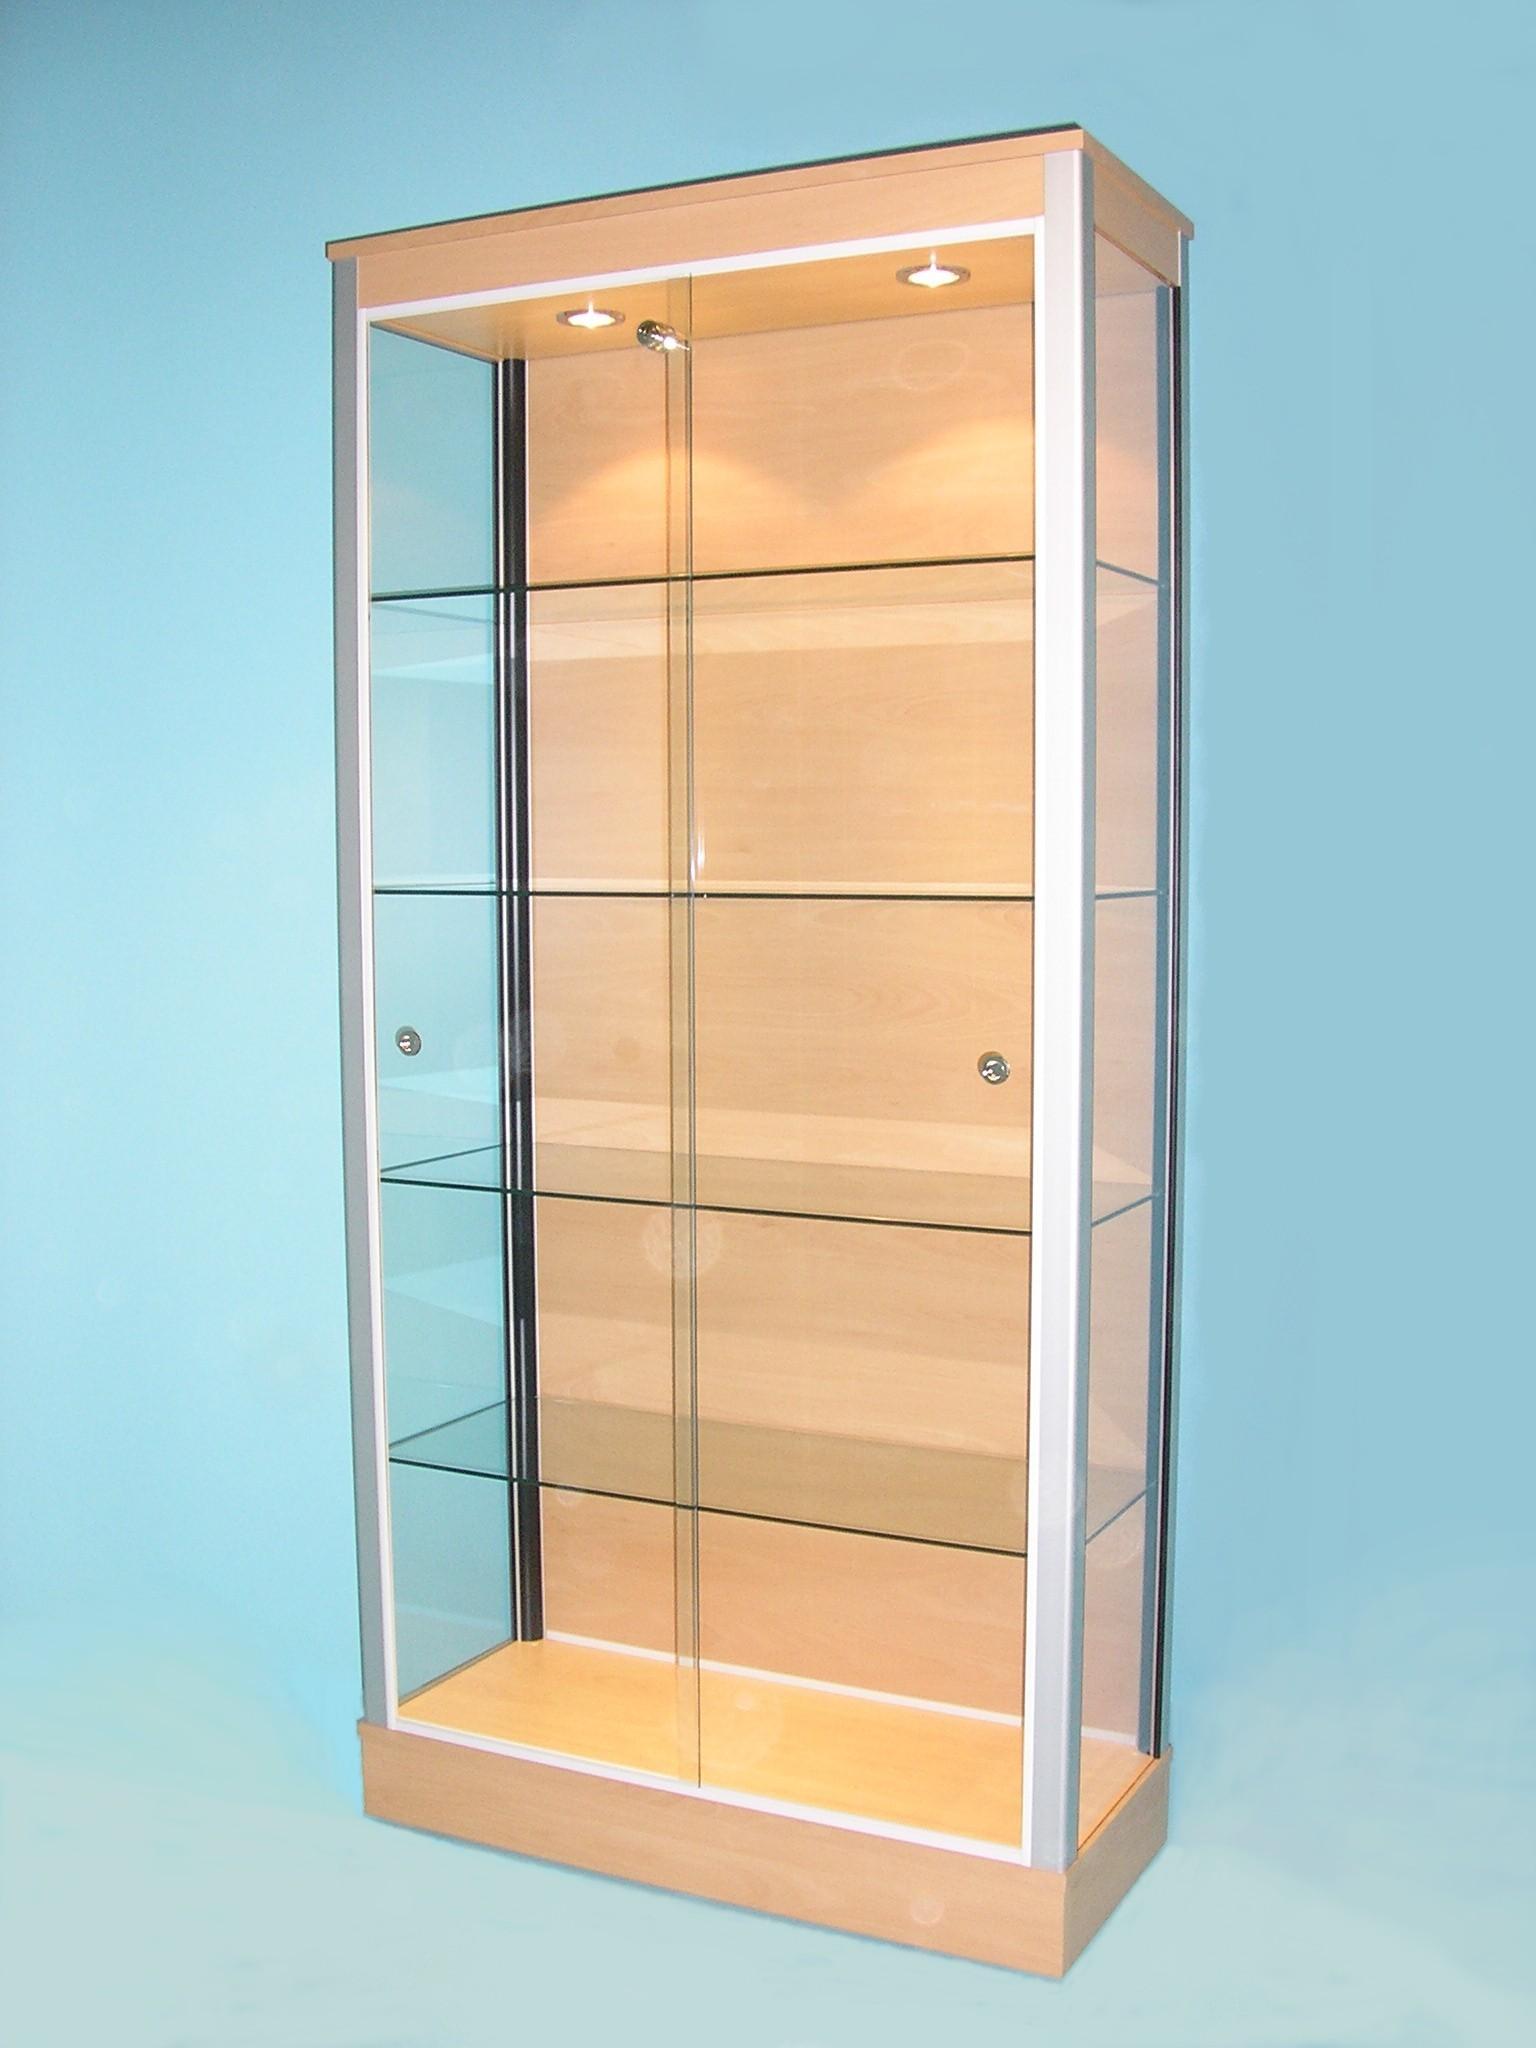 Designex Cabinets D10 Beech